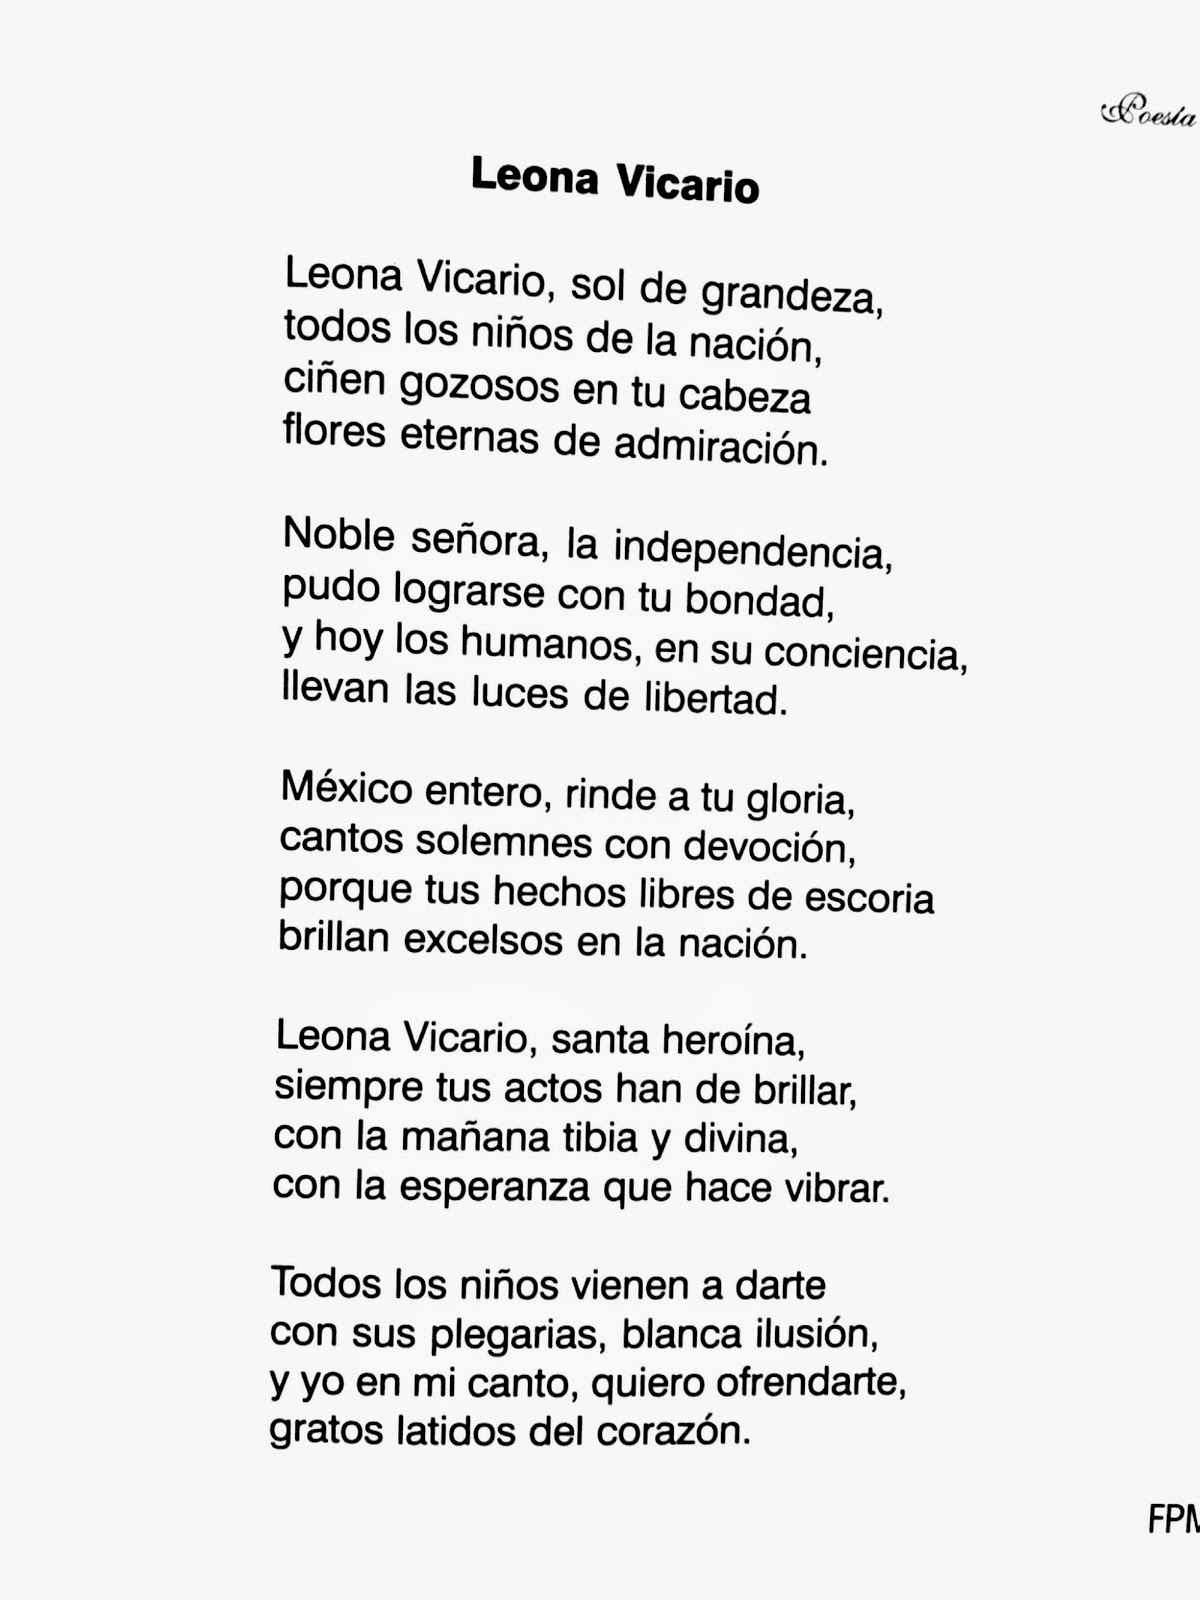 Poesía a Leona Vicario